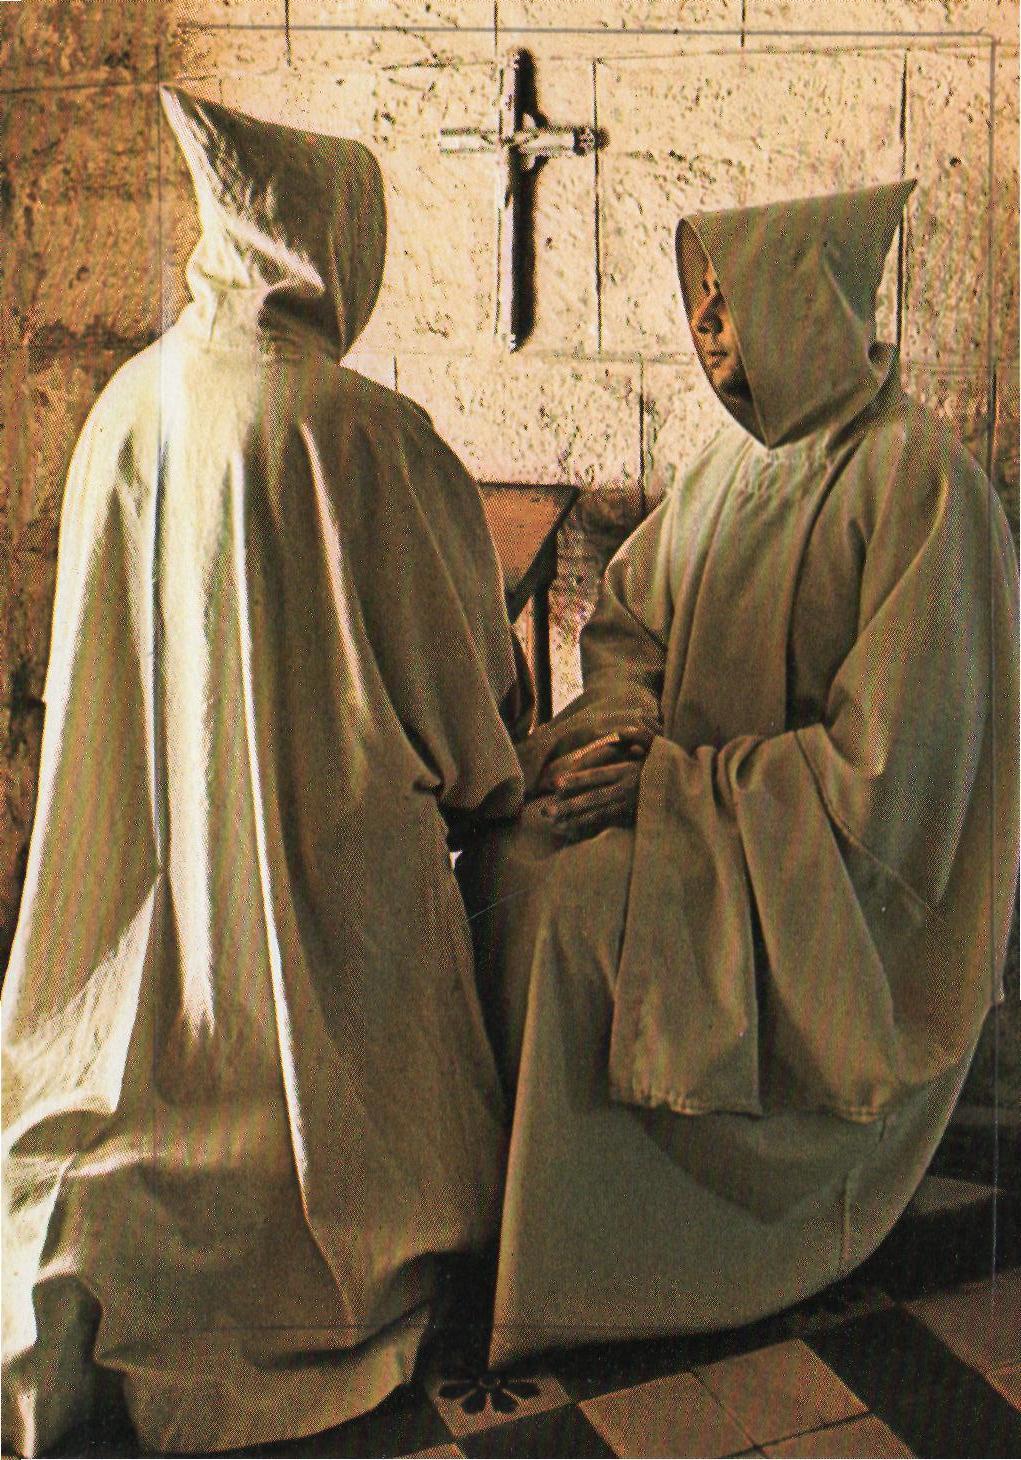 Mniši mají těžkíý život. Jejich hlavním heslem je chuda, prostota a kázeň. Dokonce mezi sebou ani nesmí mluvit.